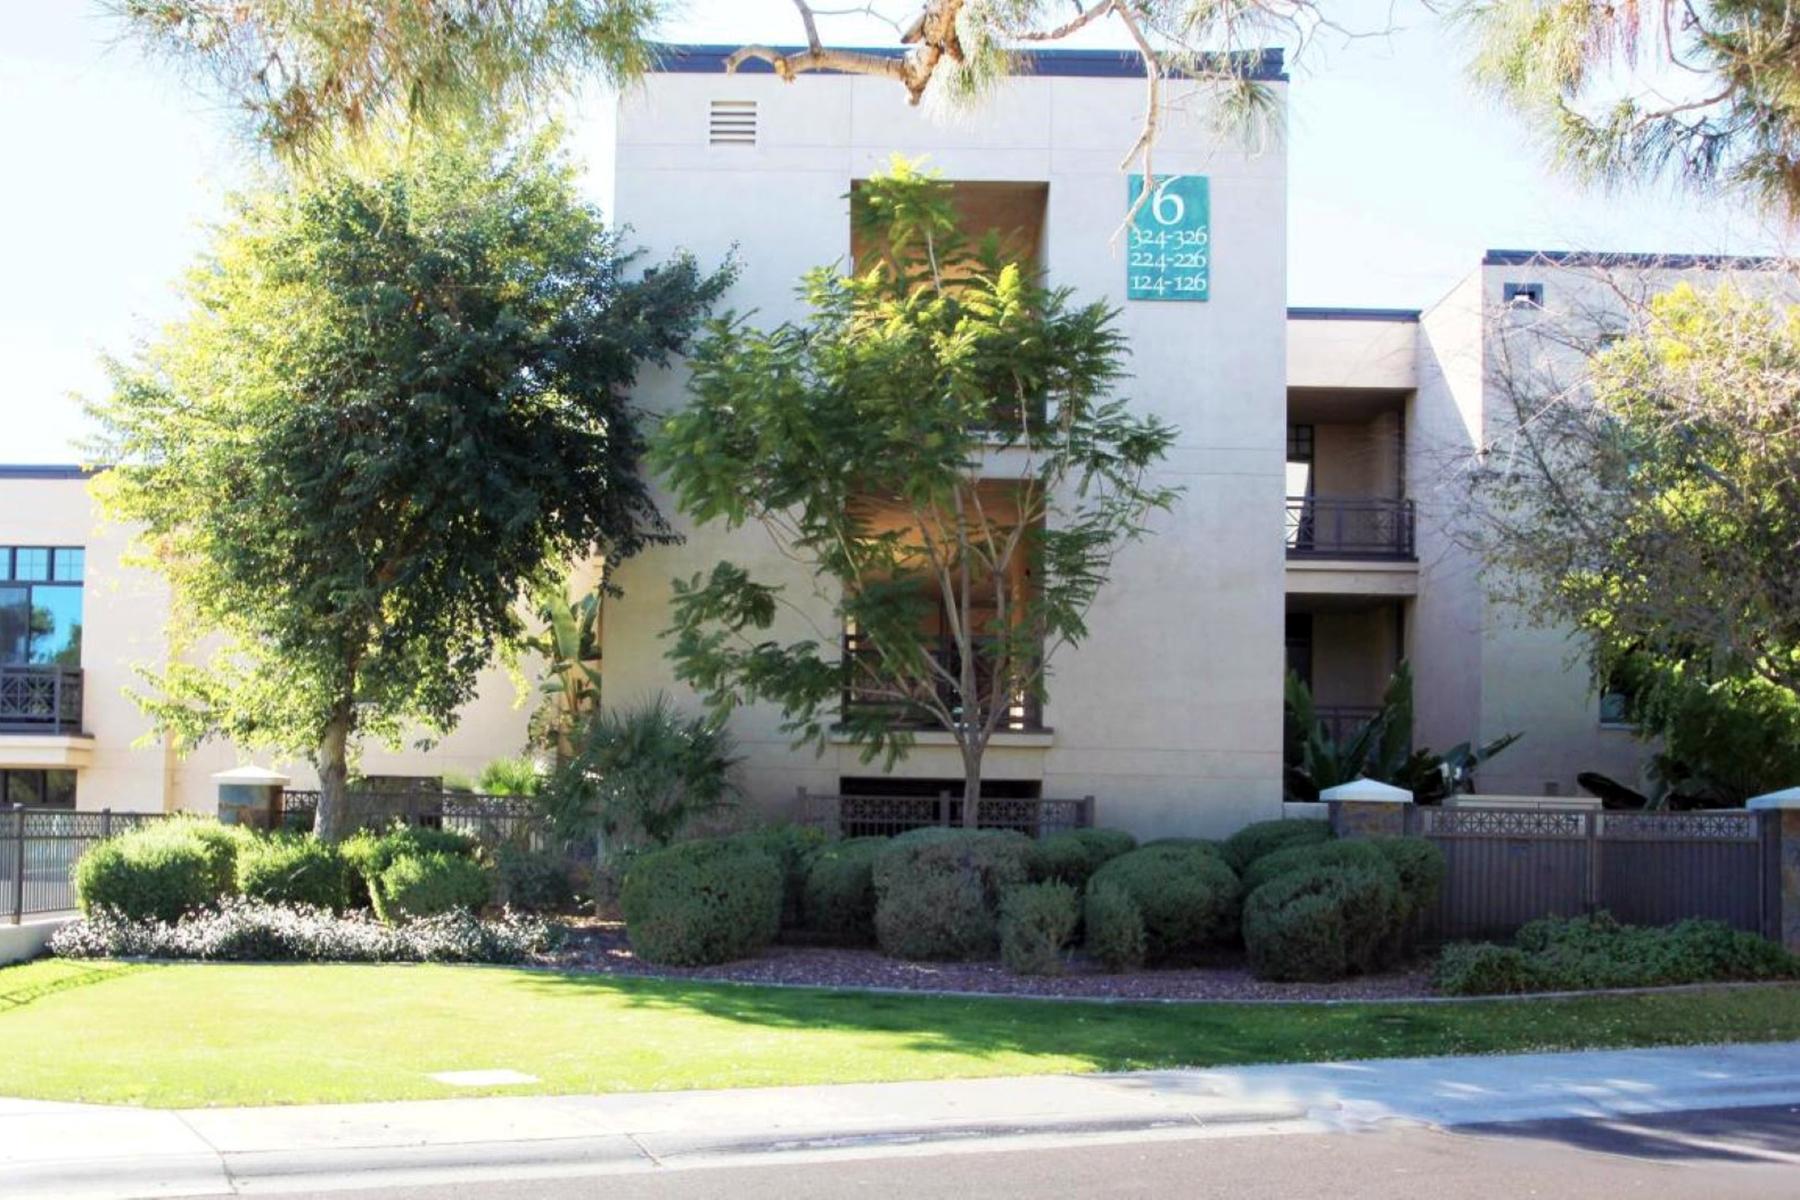 Eigentumswohnung für Verkauf beim Luxury Condo in The Fairway Lodge at The Biltmore 8 Biltmore Estates #126 Phoenix, Arizona 85016 Vereinigte Staaten